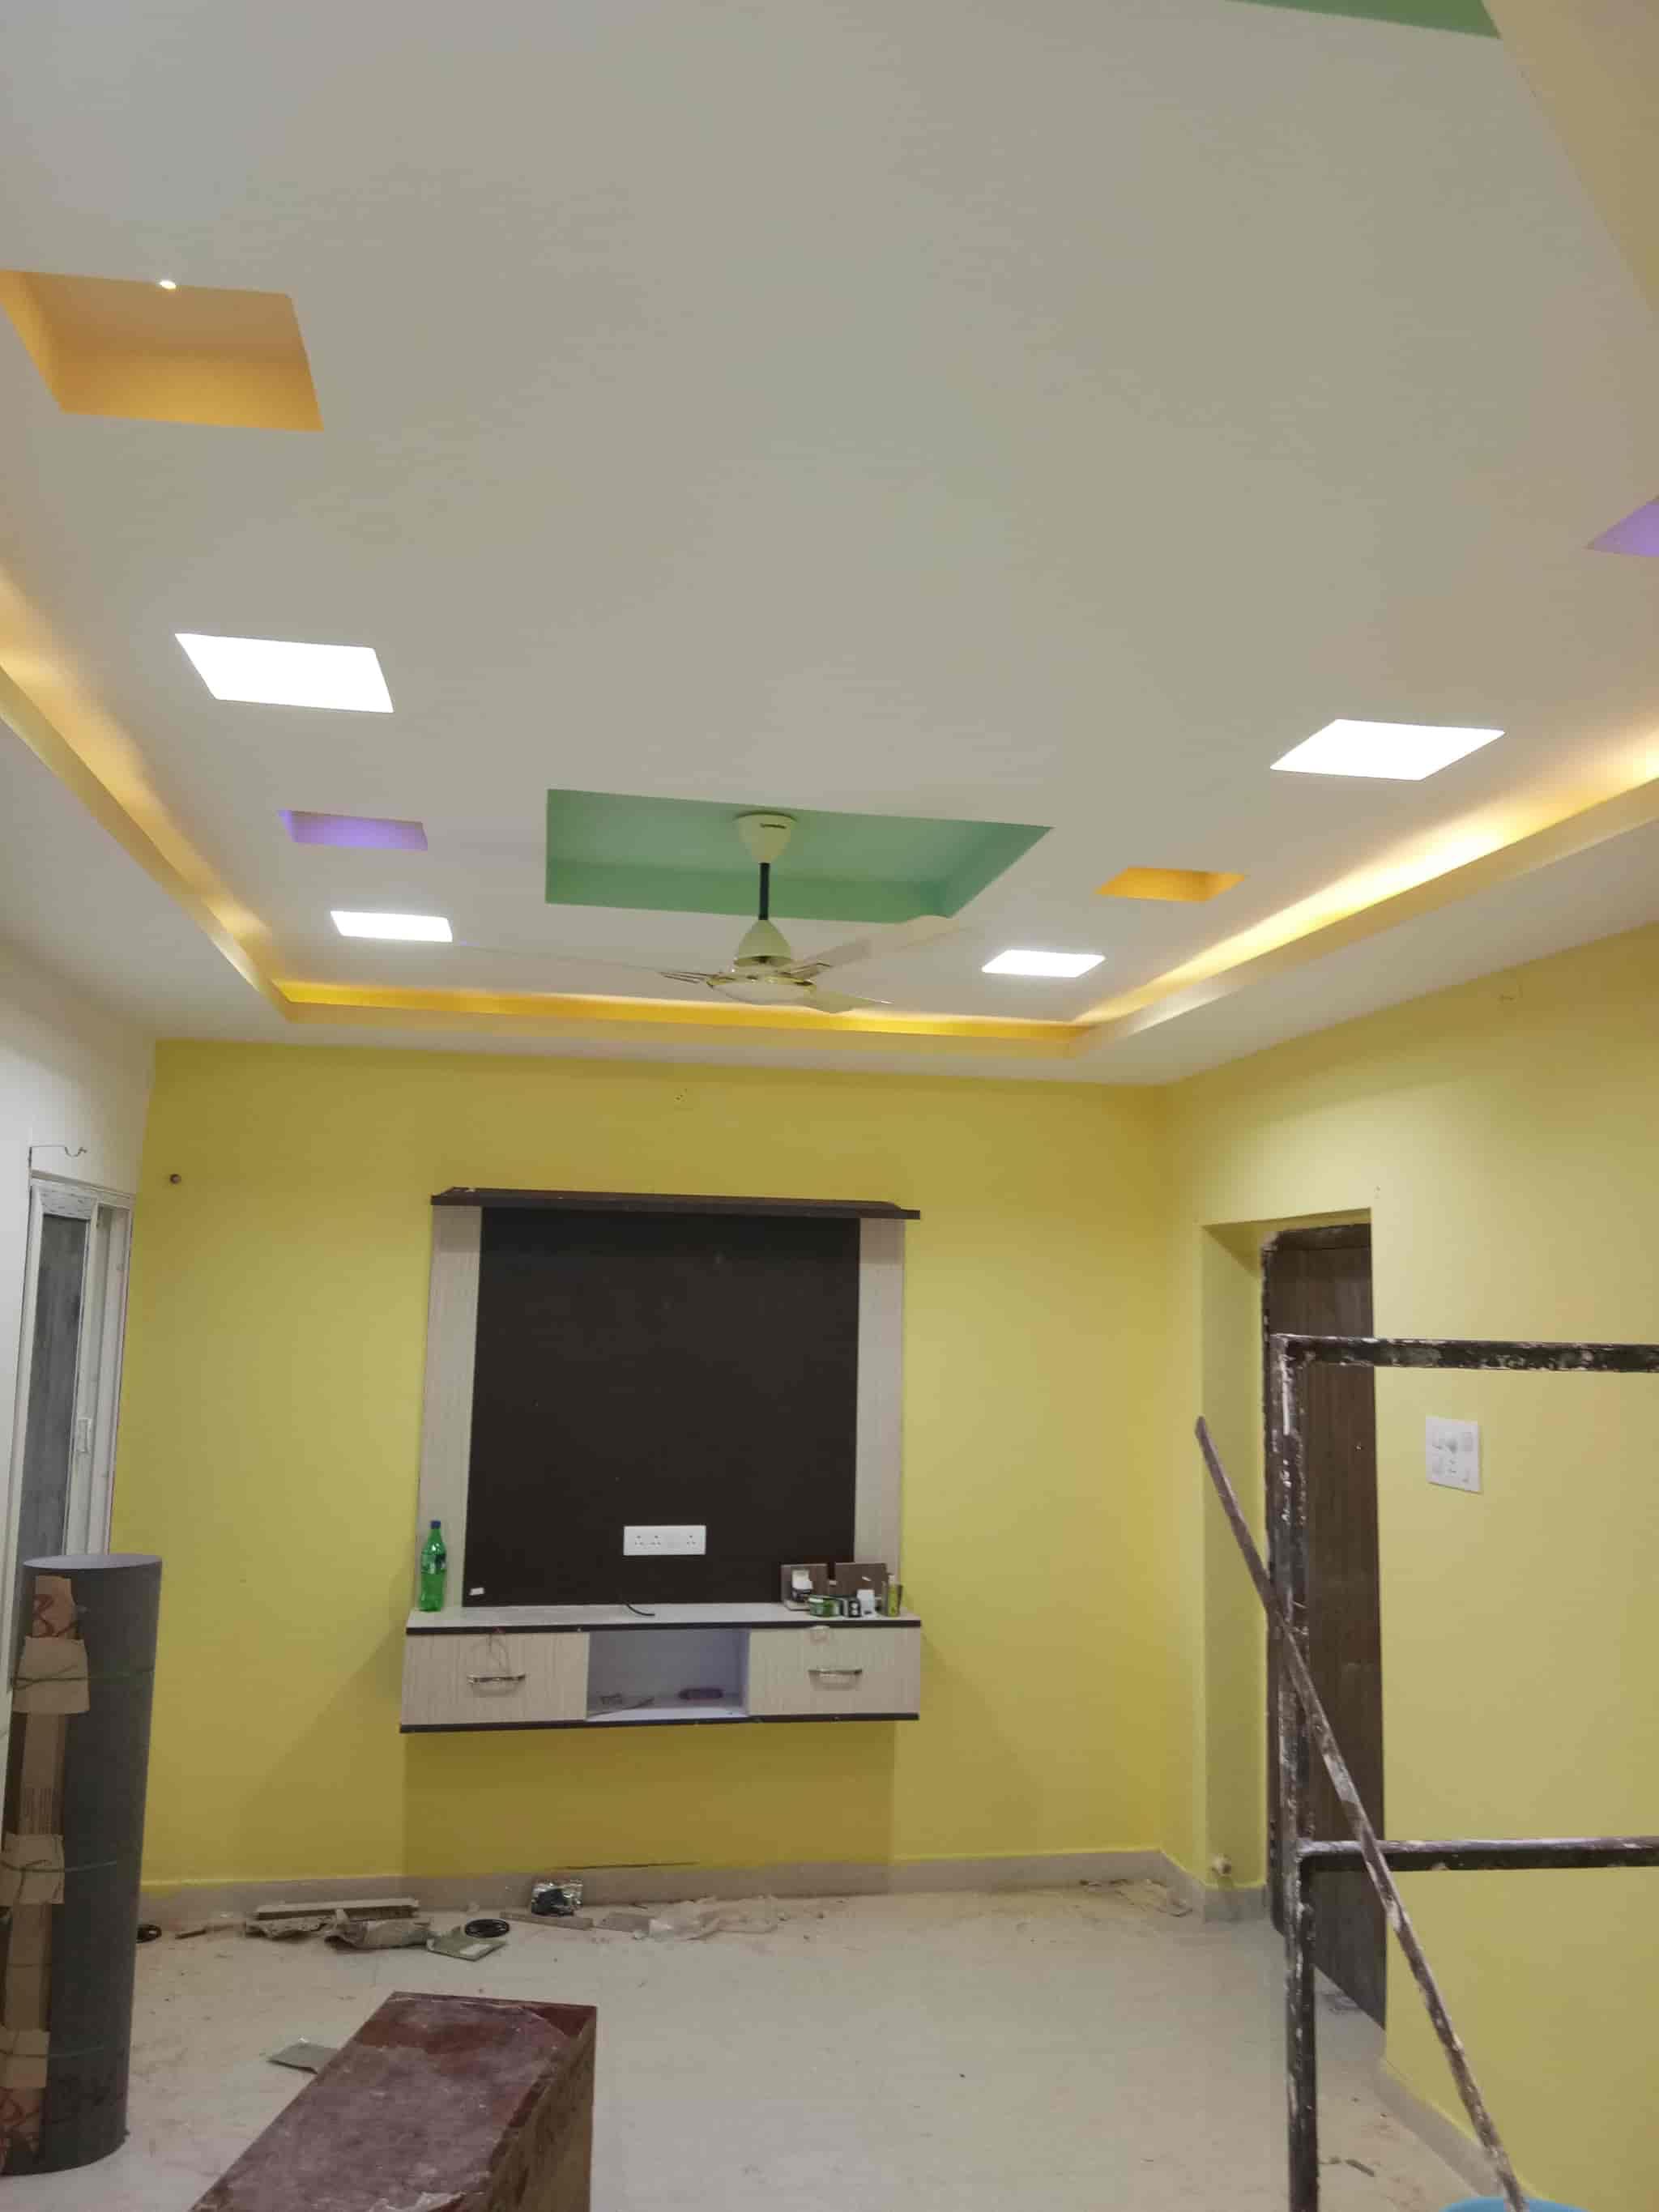 WALL DECOR, Uditnagar - Interior Designers in Rourkela - Justdial